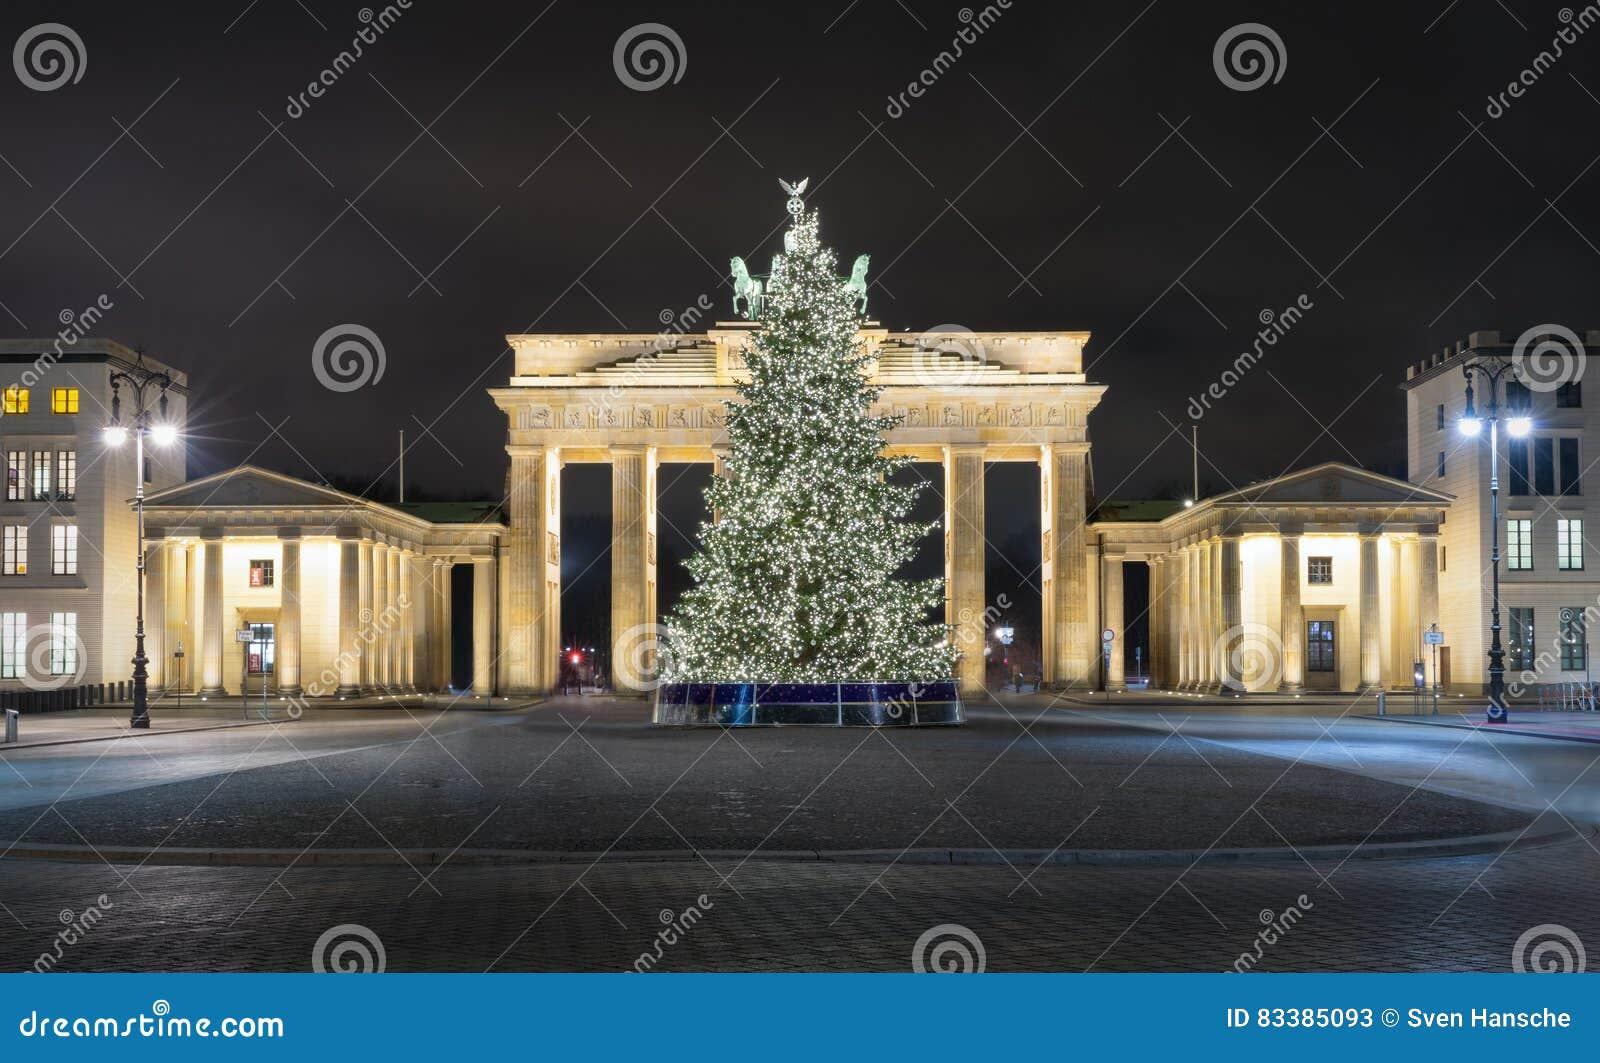 Weihnachtsbaum Berlin.Pariser Platz Und Brandenburger Tor In Berlin Mit Weihnachtsbaum